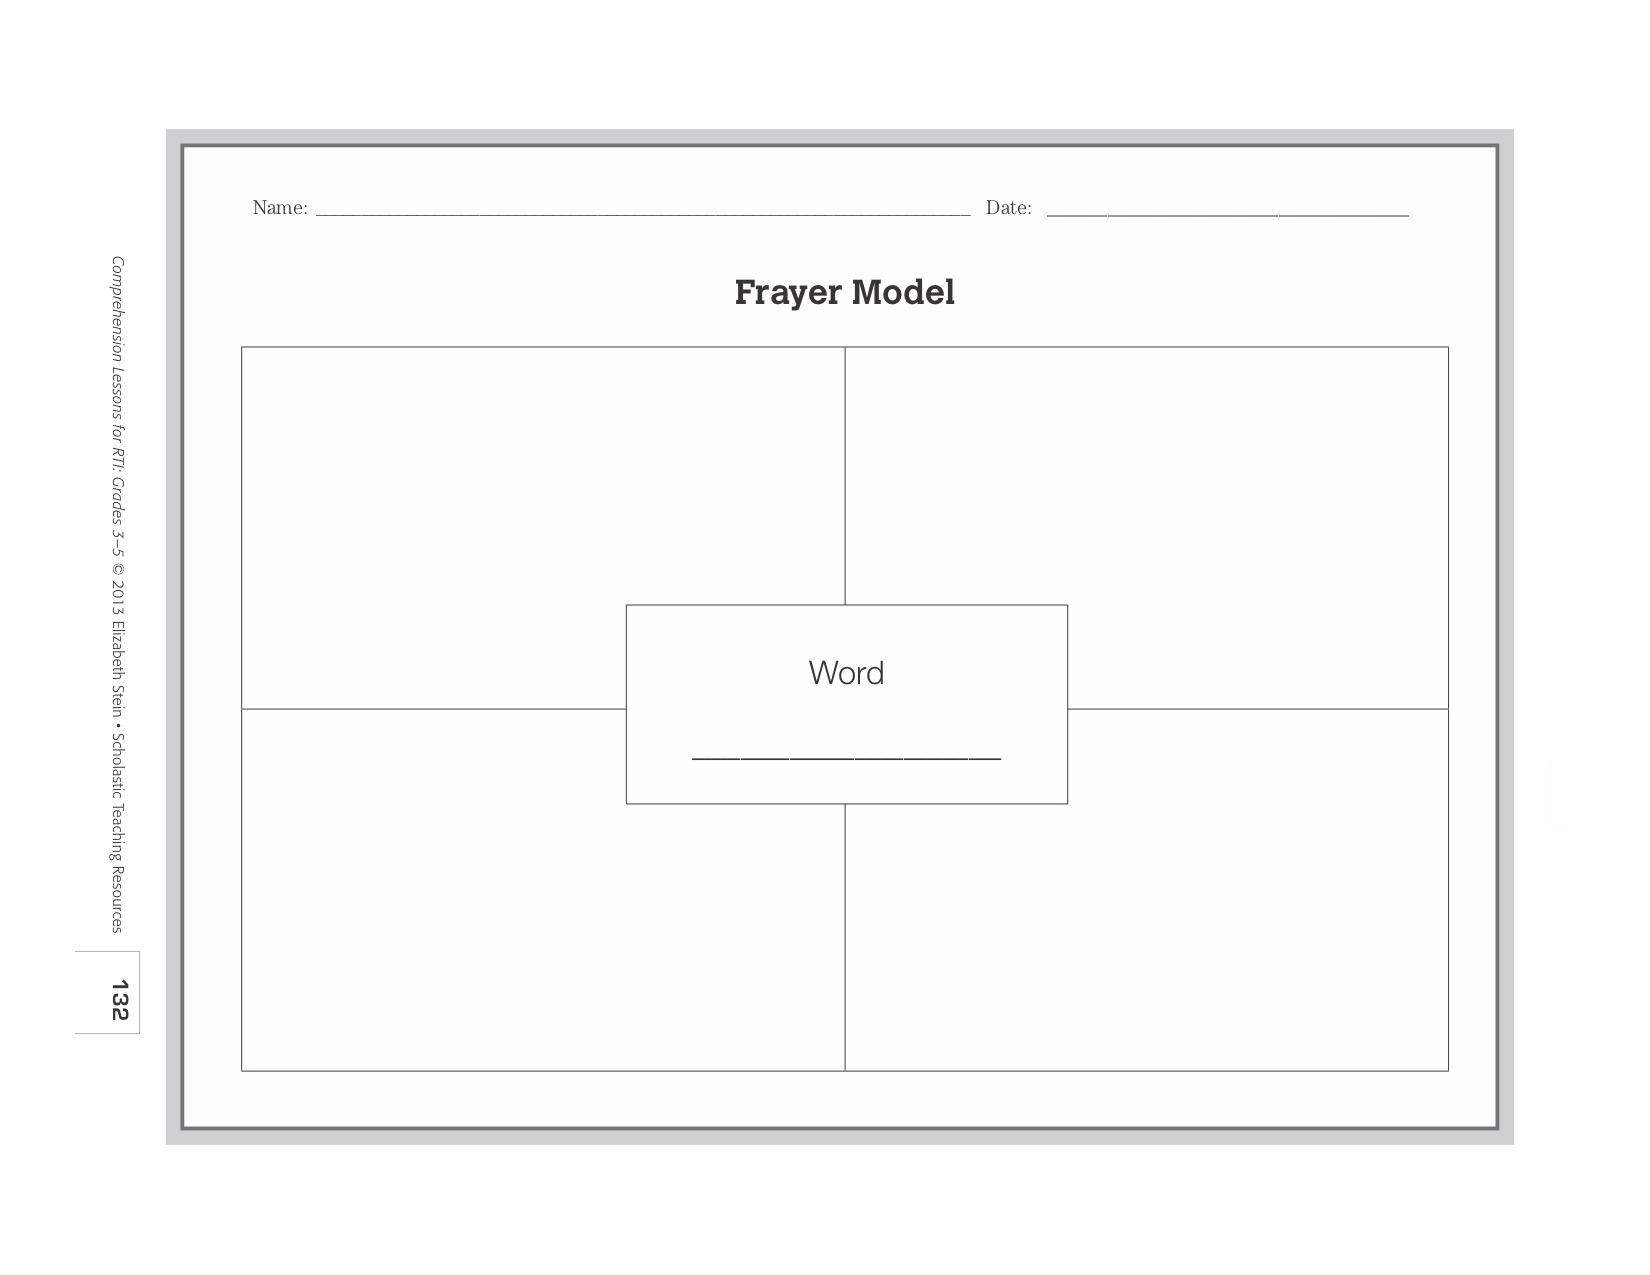 frayer model diagram frog inside editable template